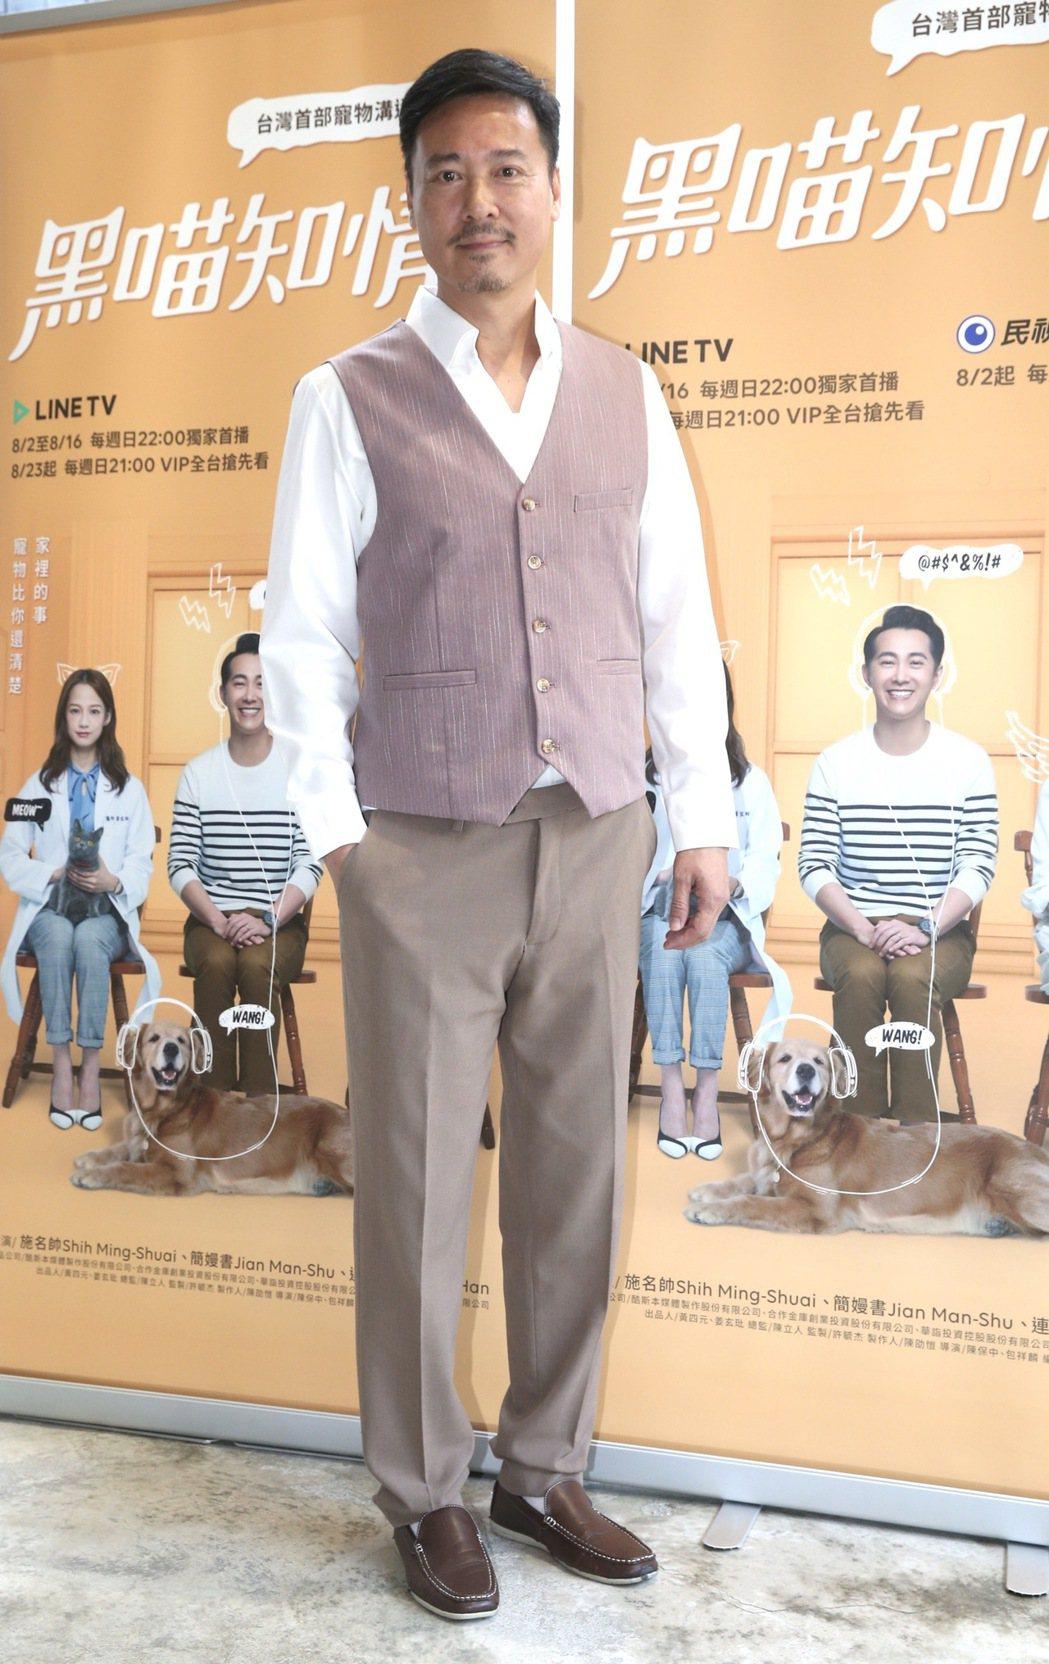 尹昭德出席「黑喵知情」媒體茶敘。記者黃義書/攝影